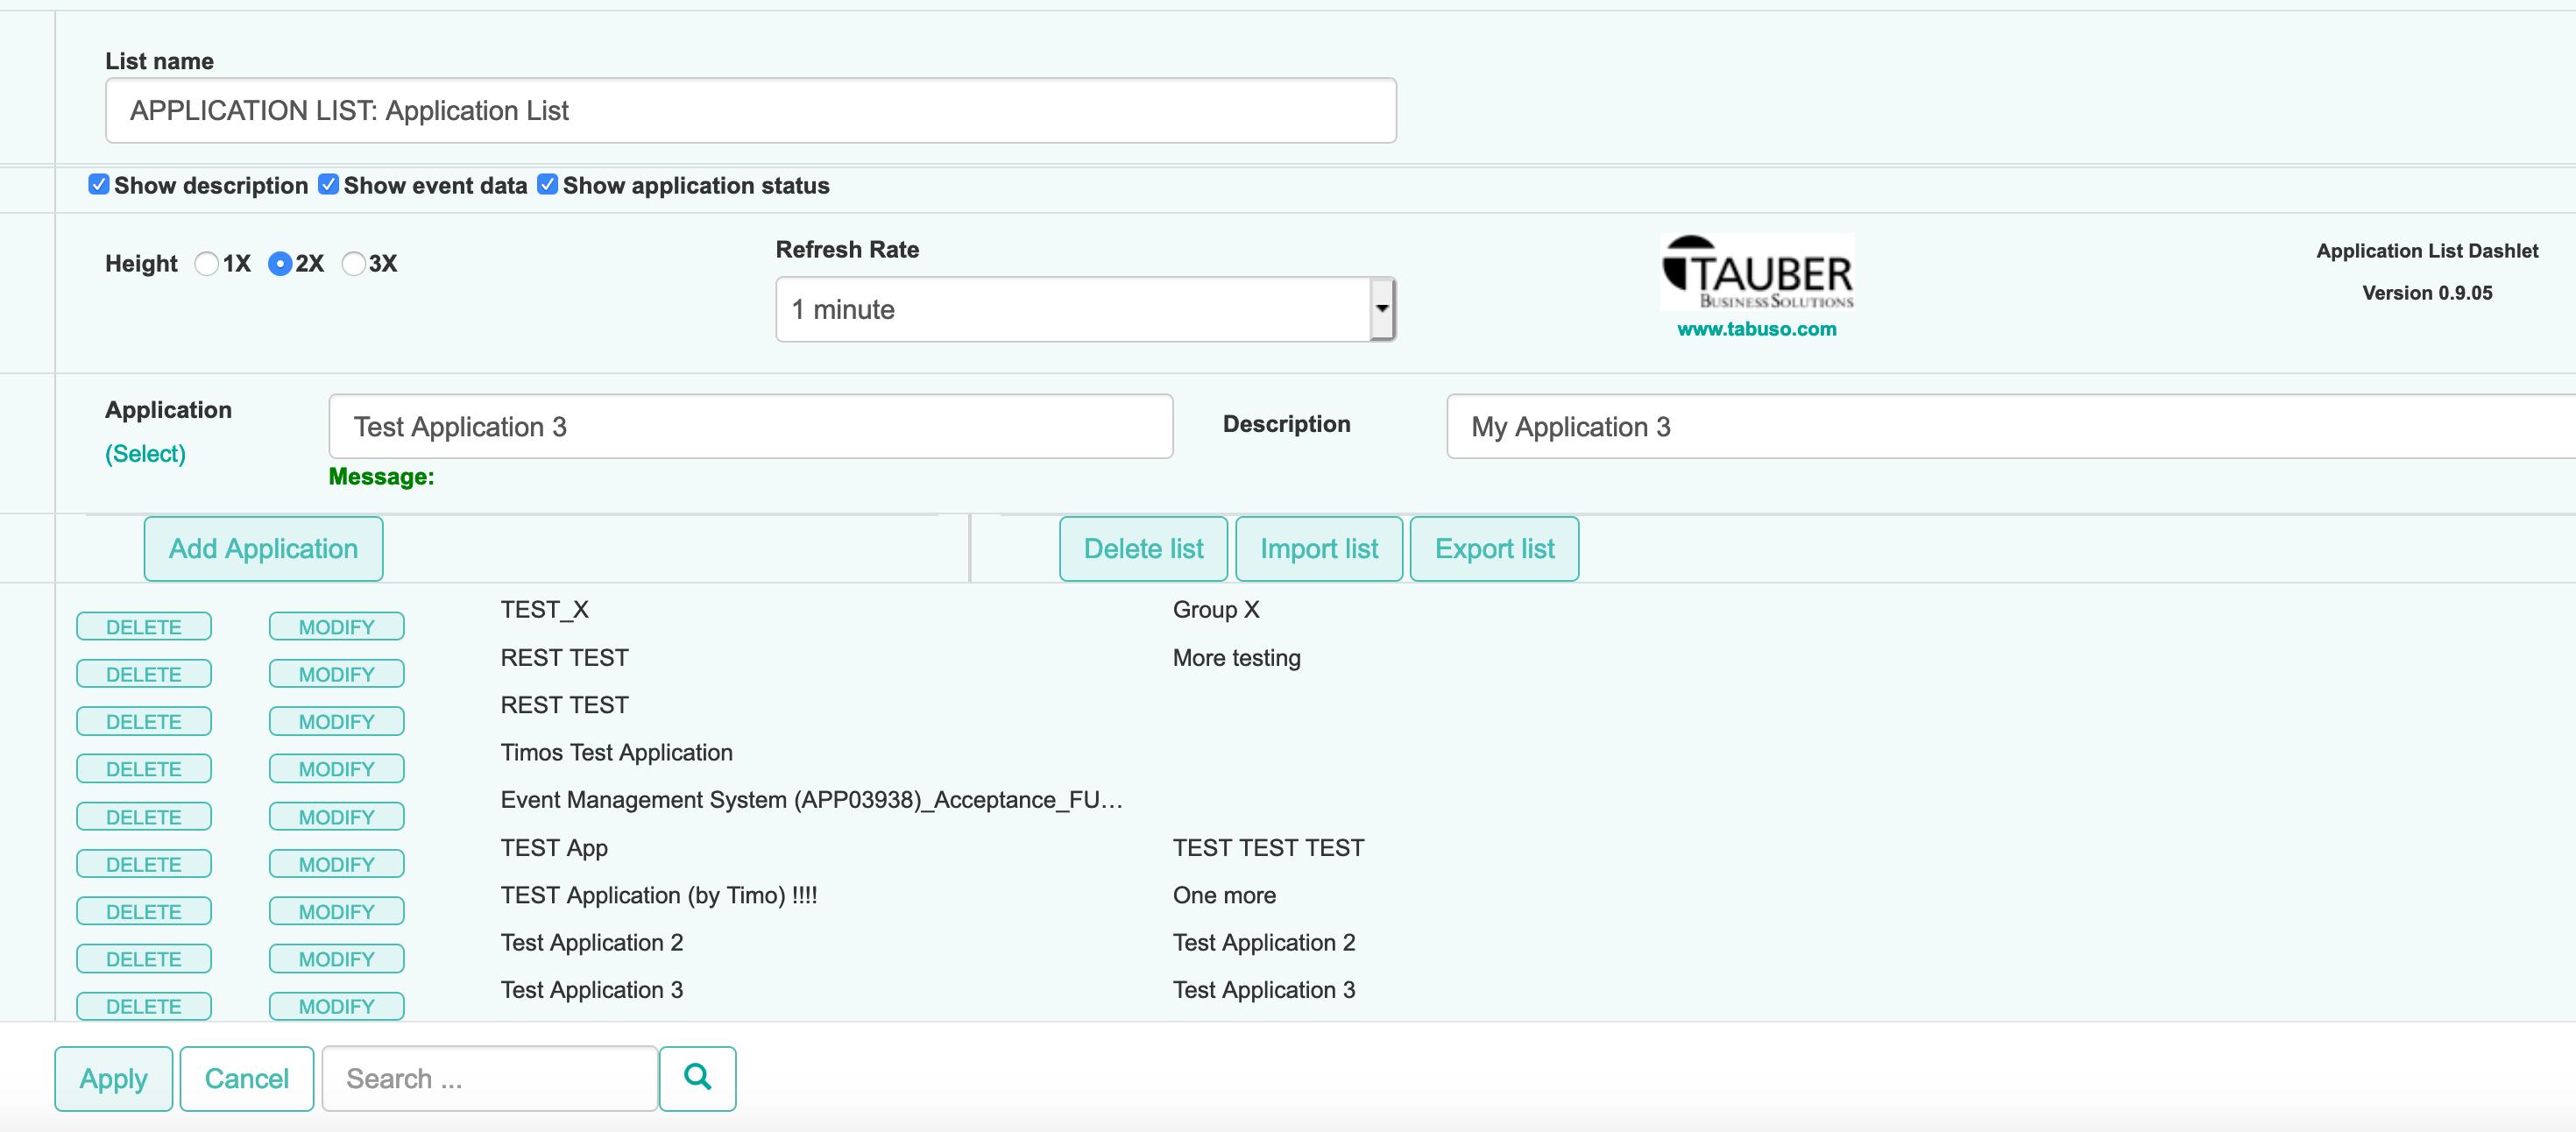 Application Dashlet Configuration View